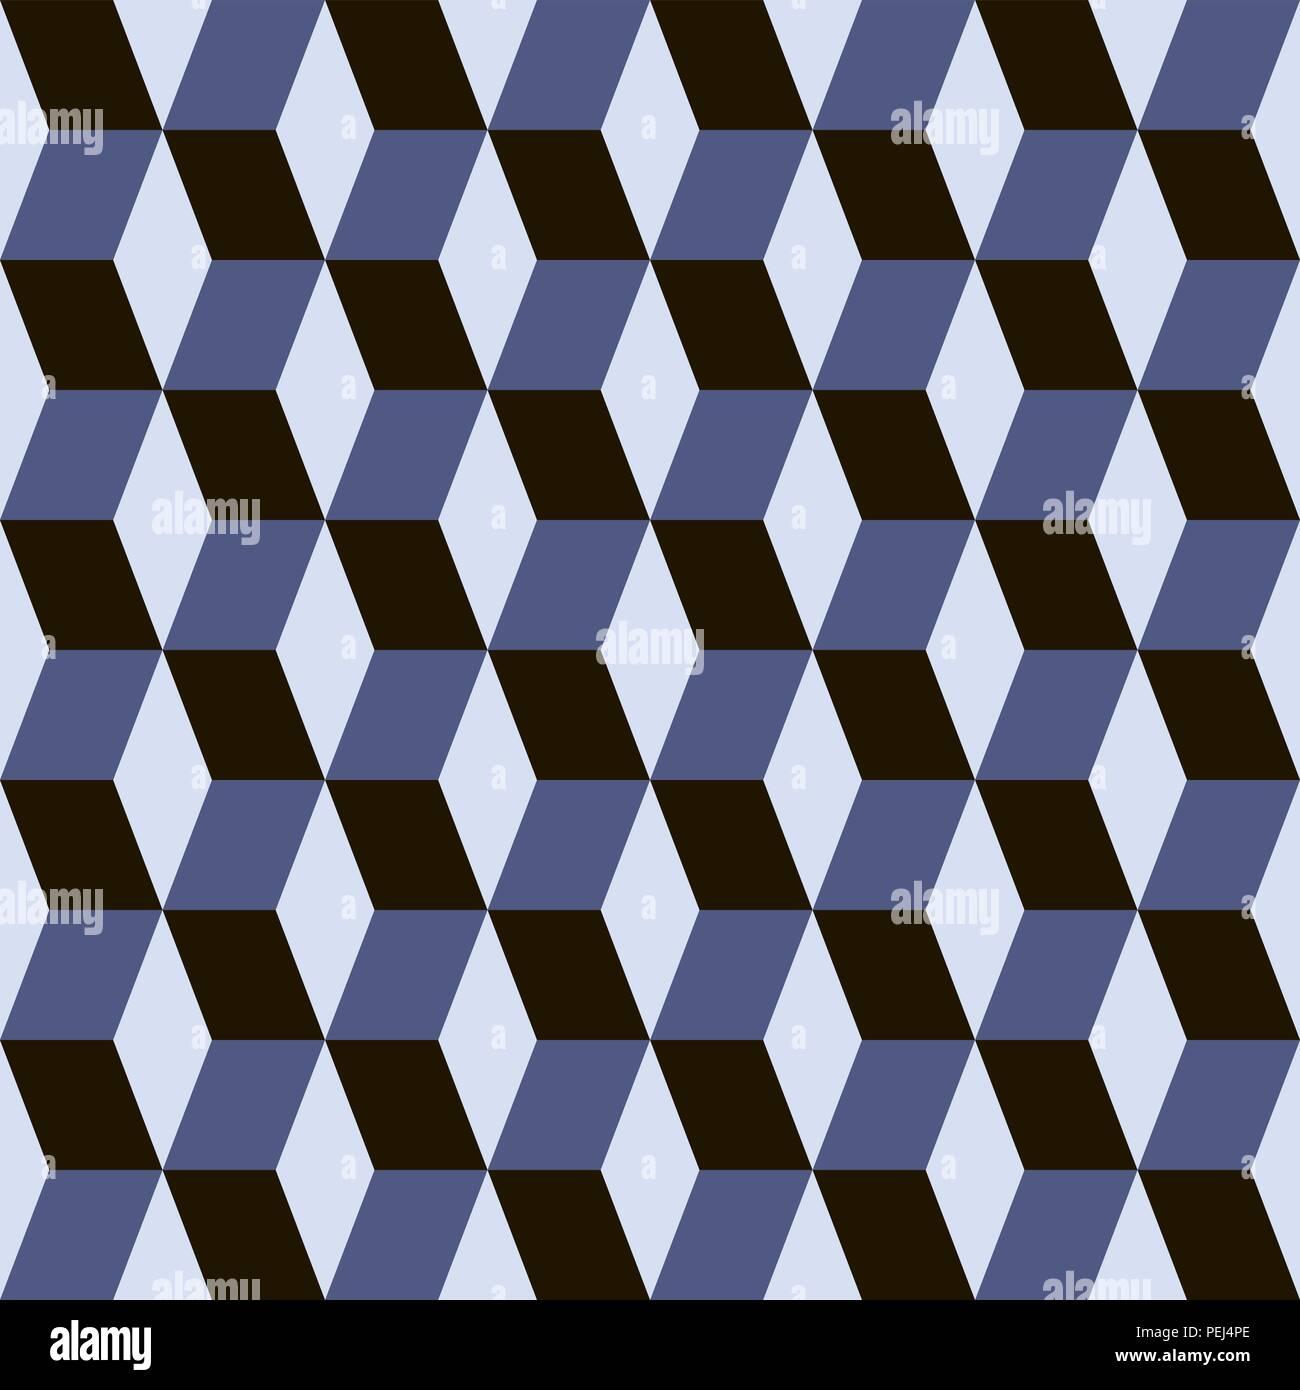 Bloques abstractos ilusión visual perfecta modelo azul de contraste Imagen De Stock